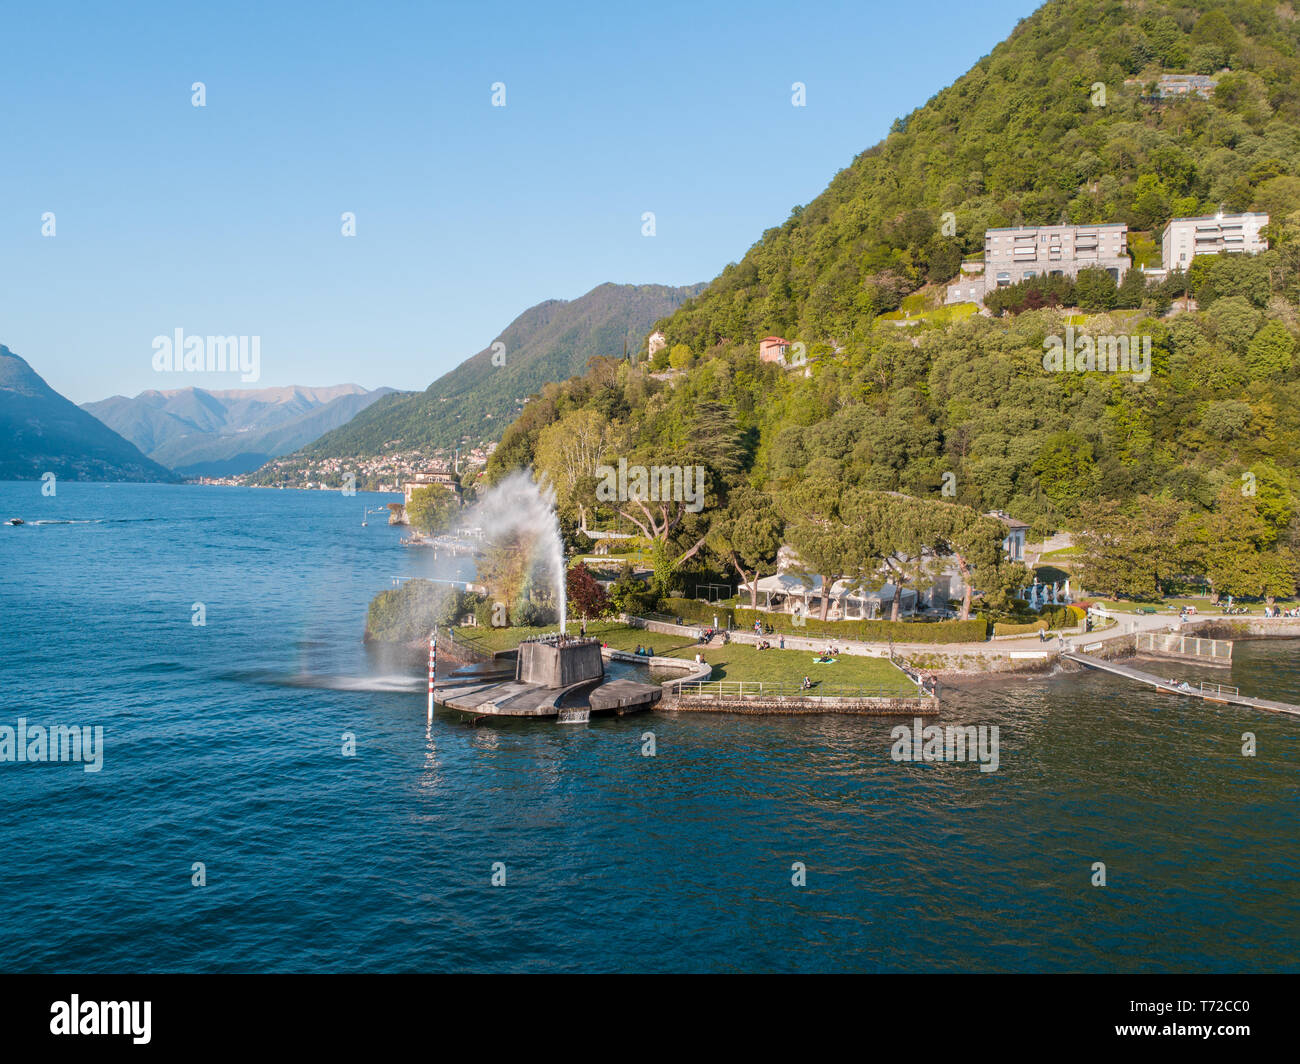 Lac de Côme, l'établissement Villa Geno et grande fontaine. Attraction touristique en Italie Banque D'Images